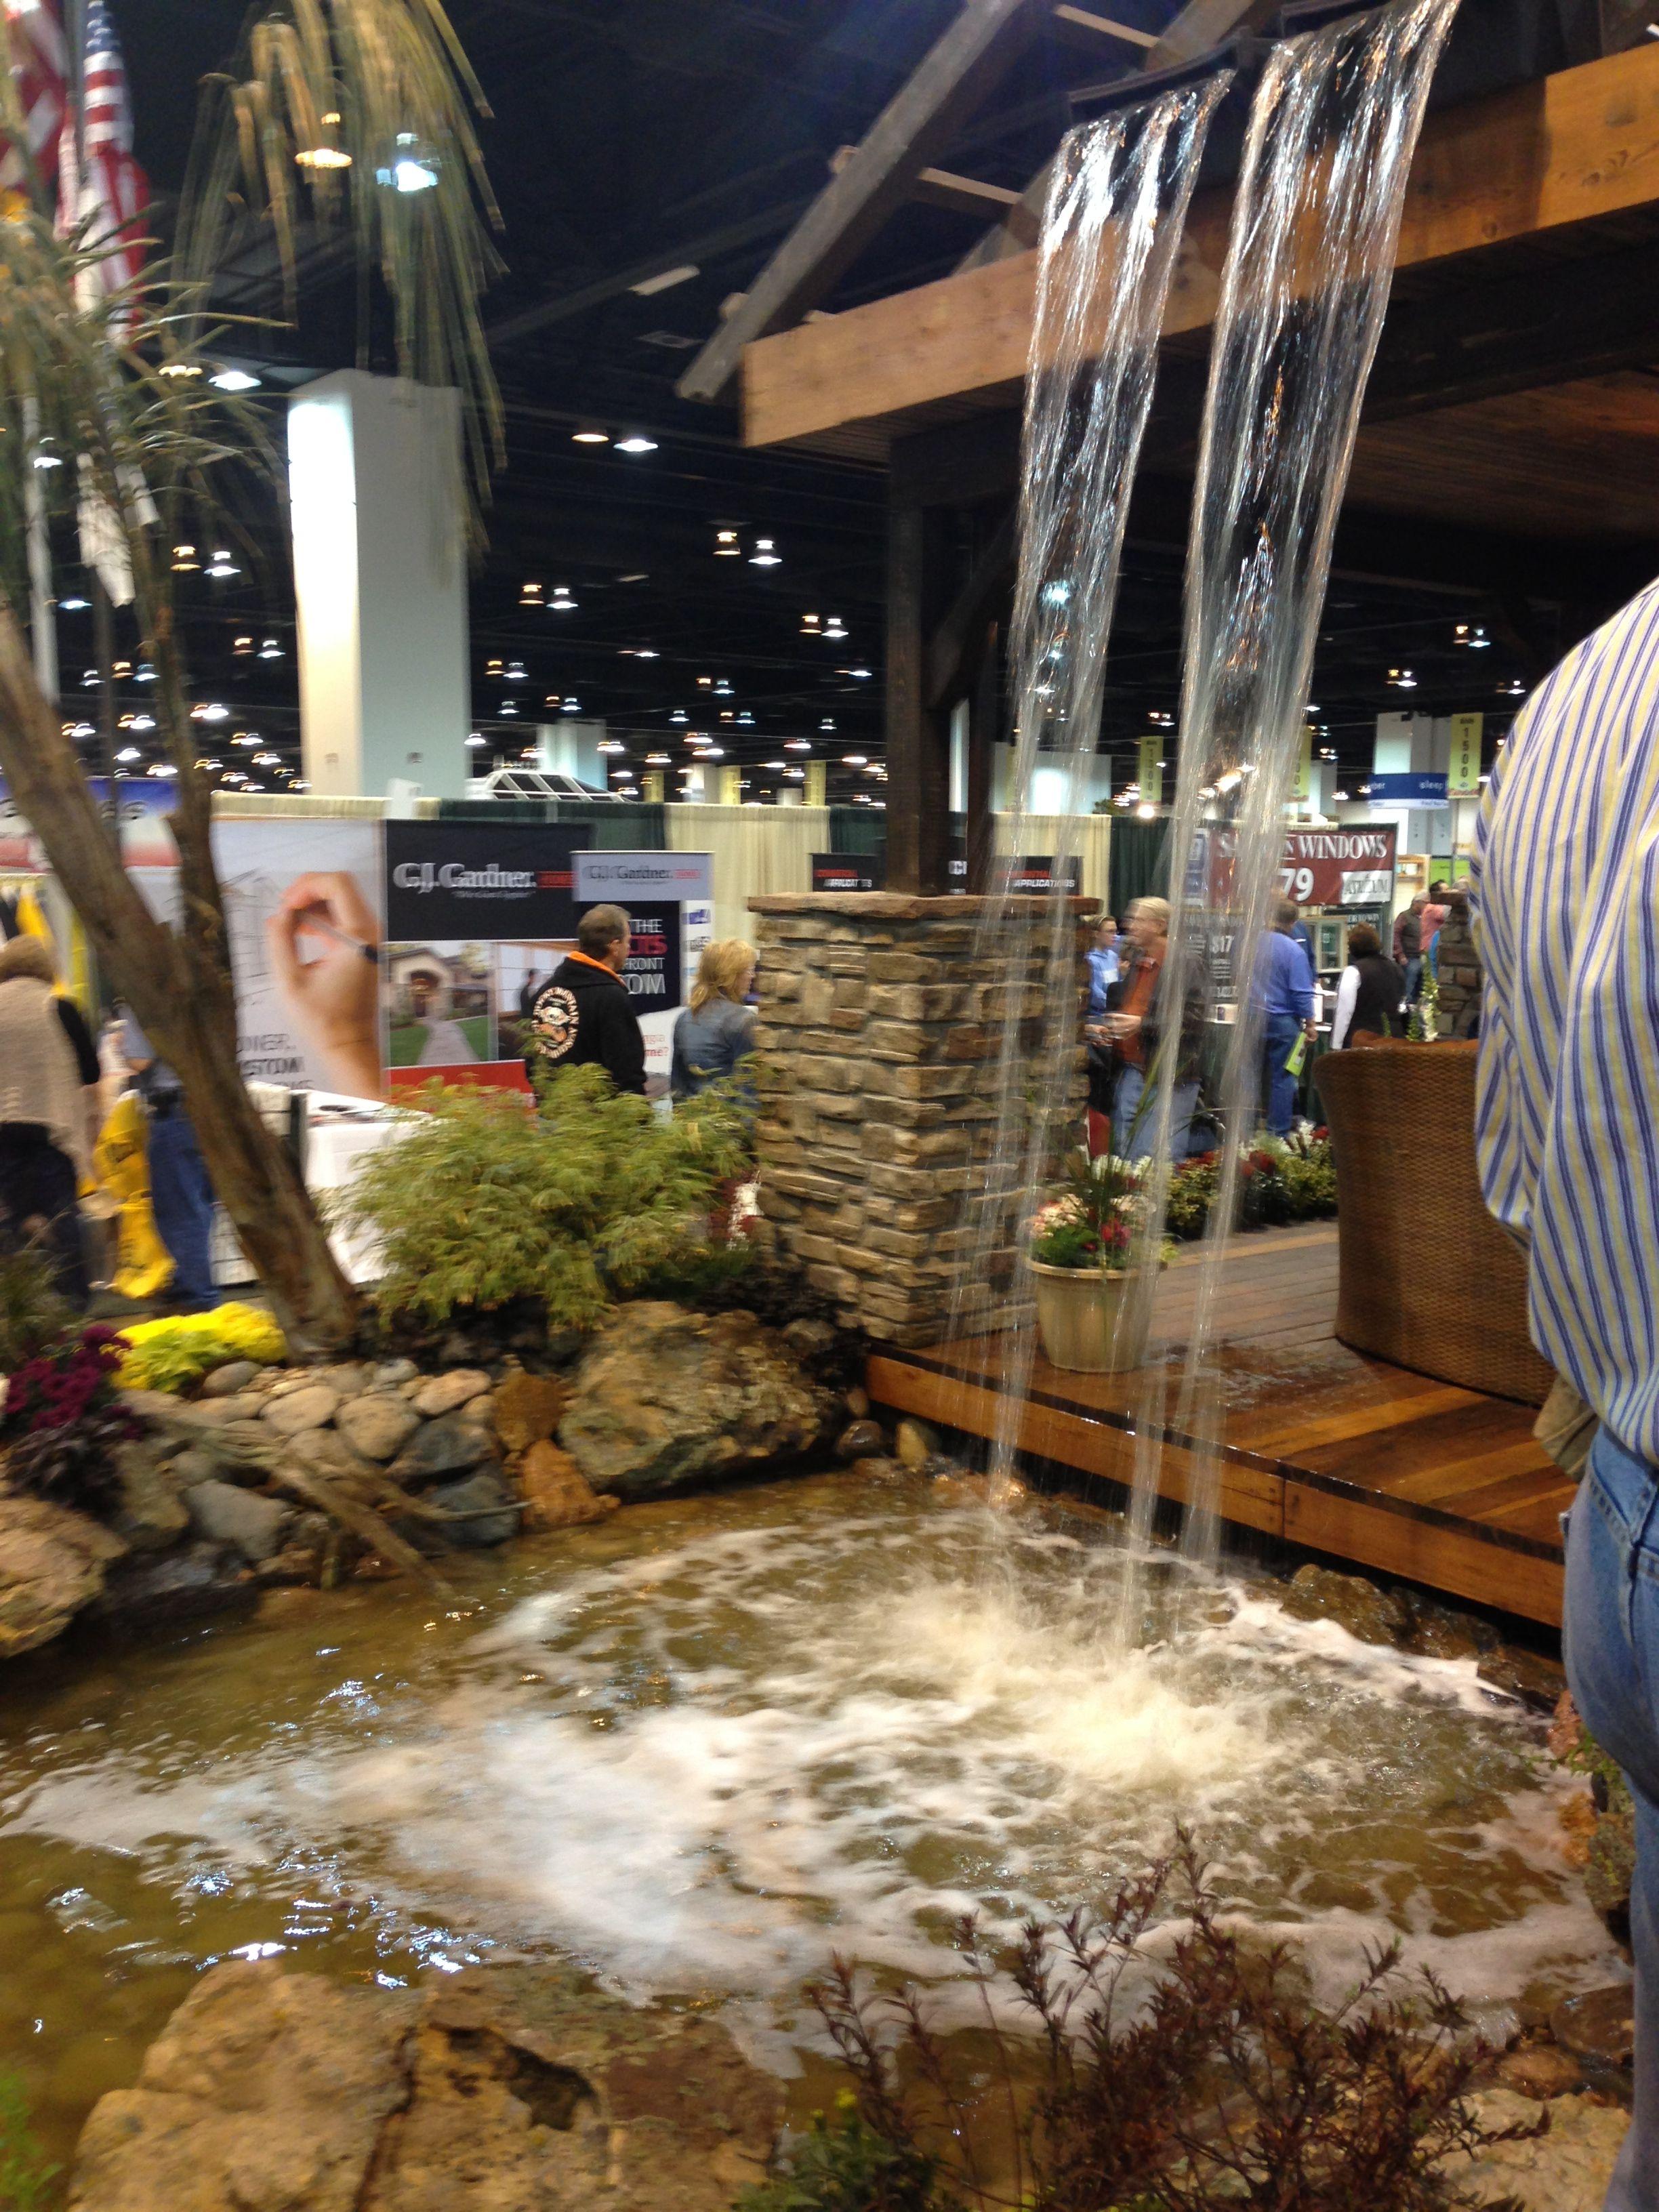 RMPW Exhibit At The Colorado Home And Garden Show In Denver, CO.